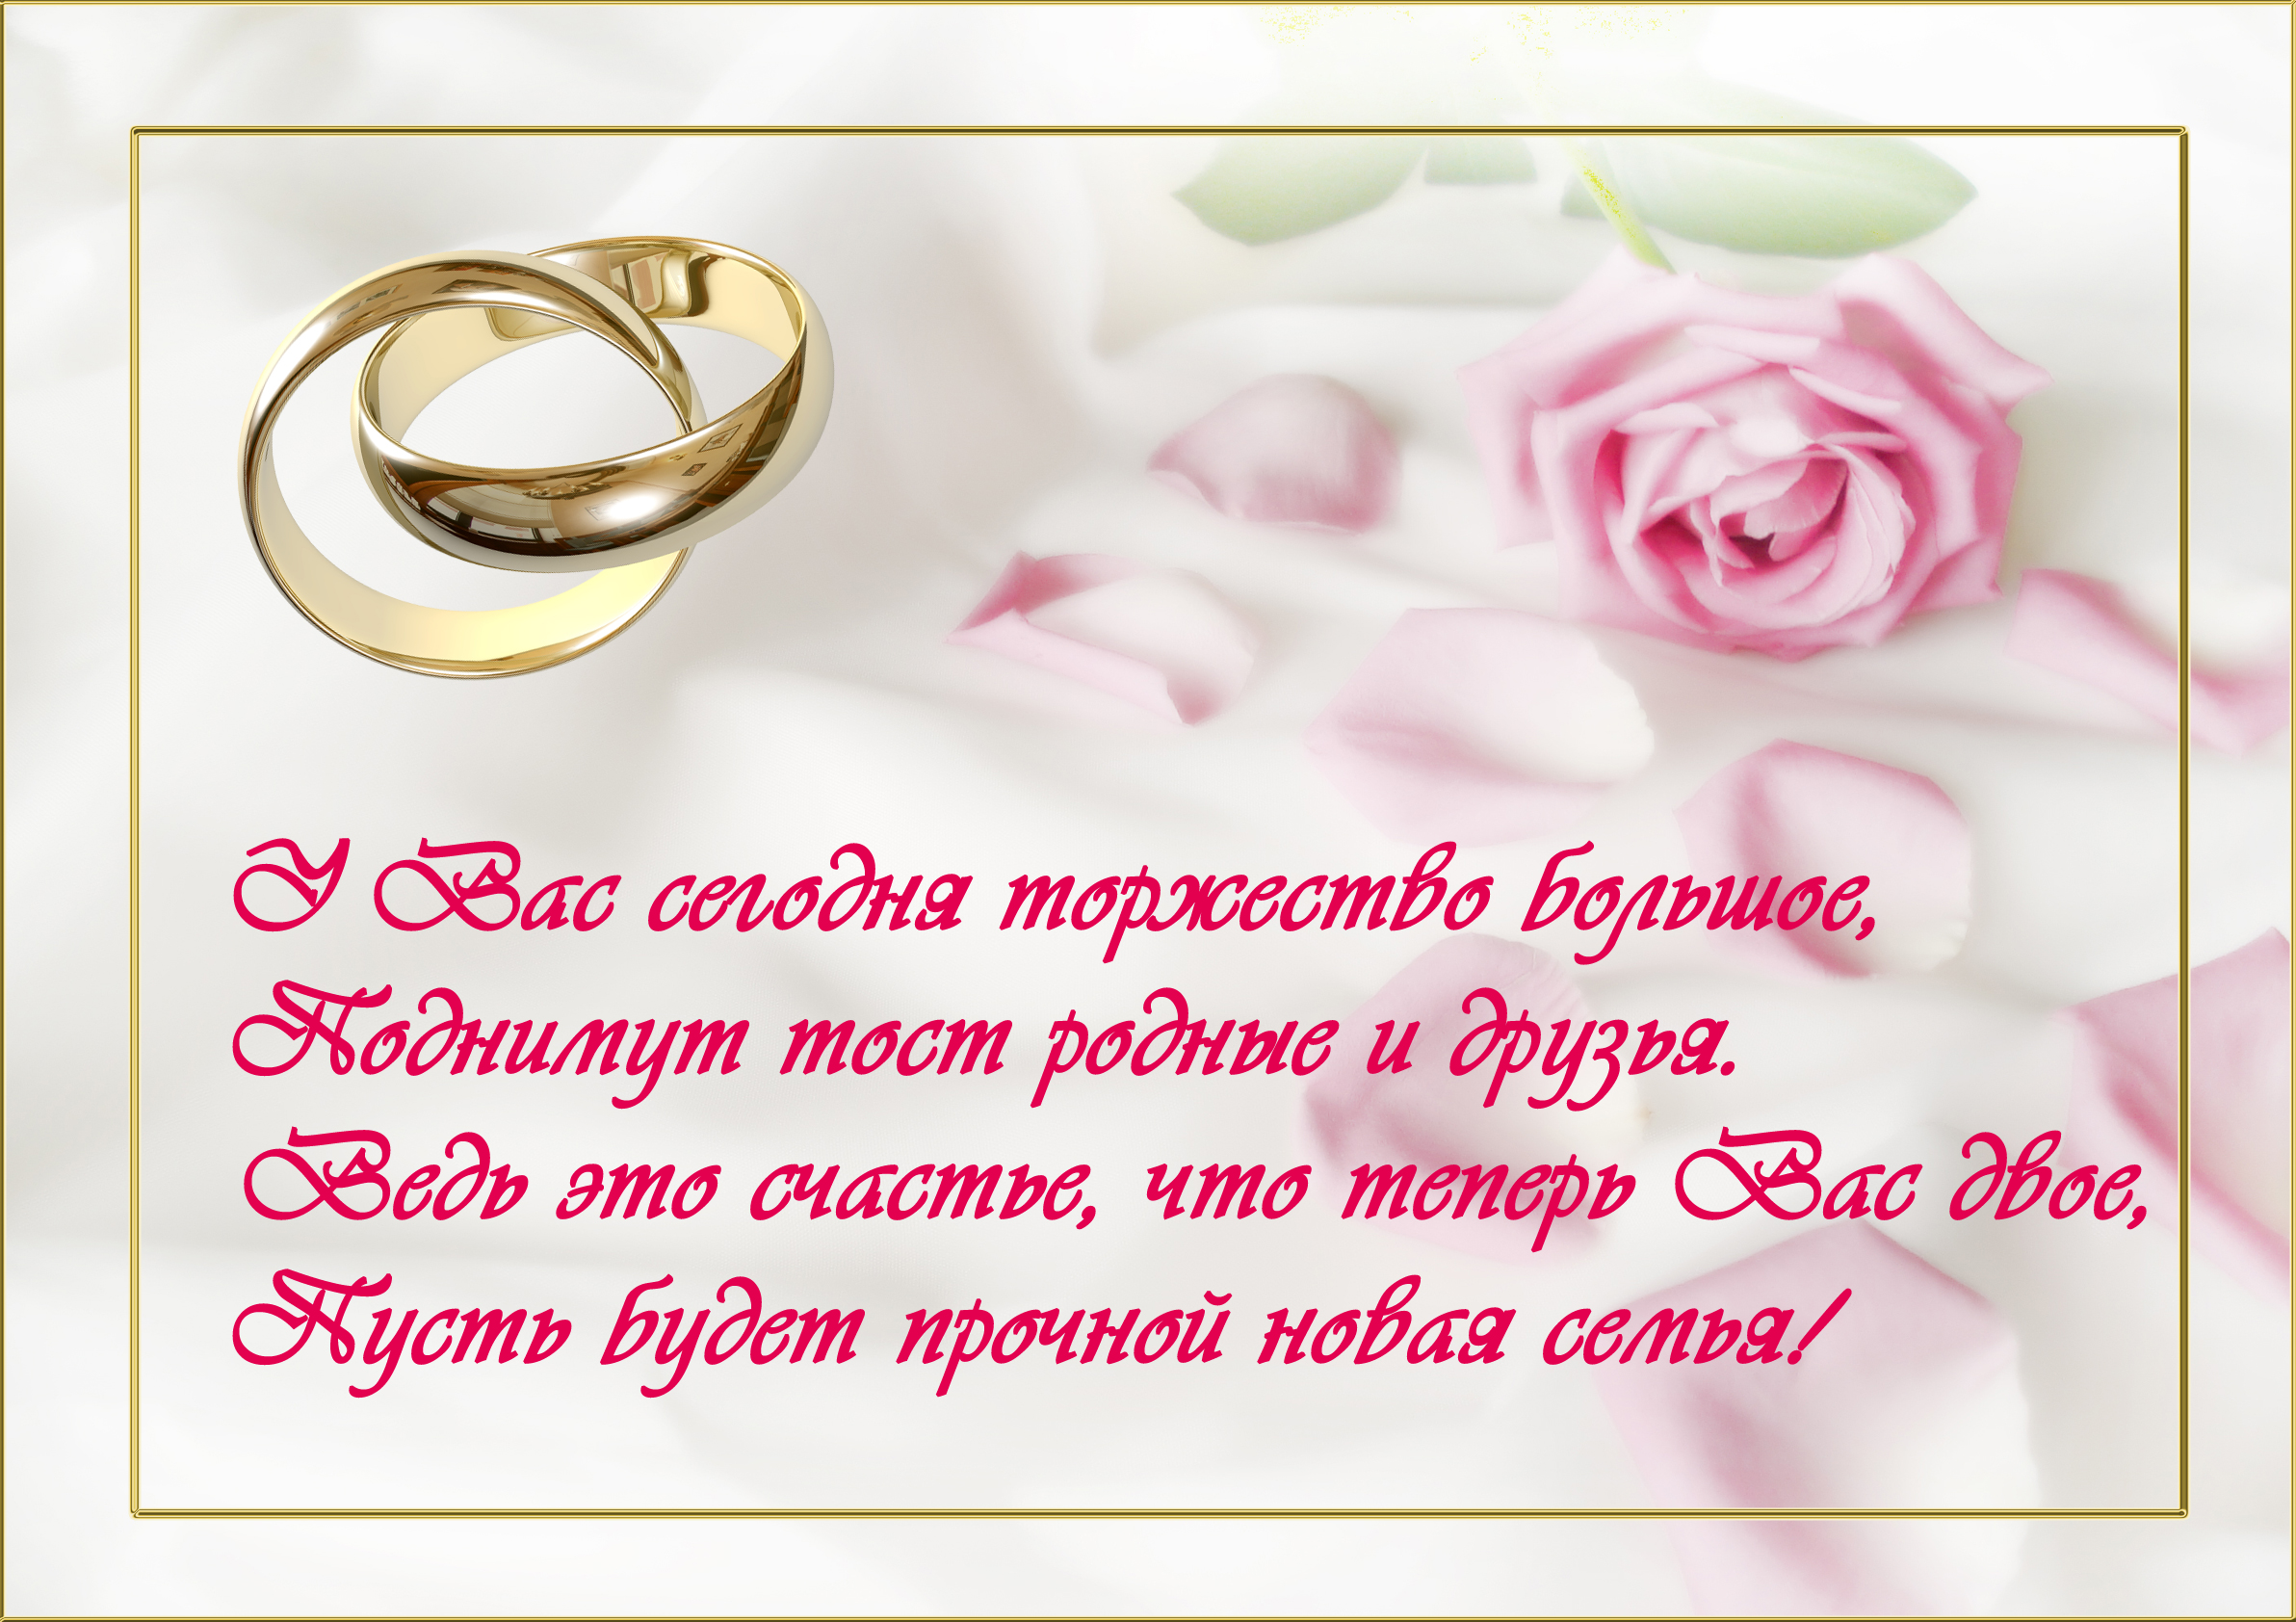 Прикольные и короткие поздравления с днем свадьбы